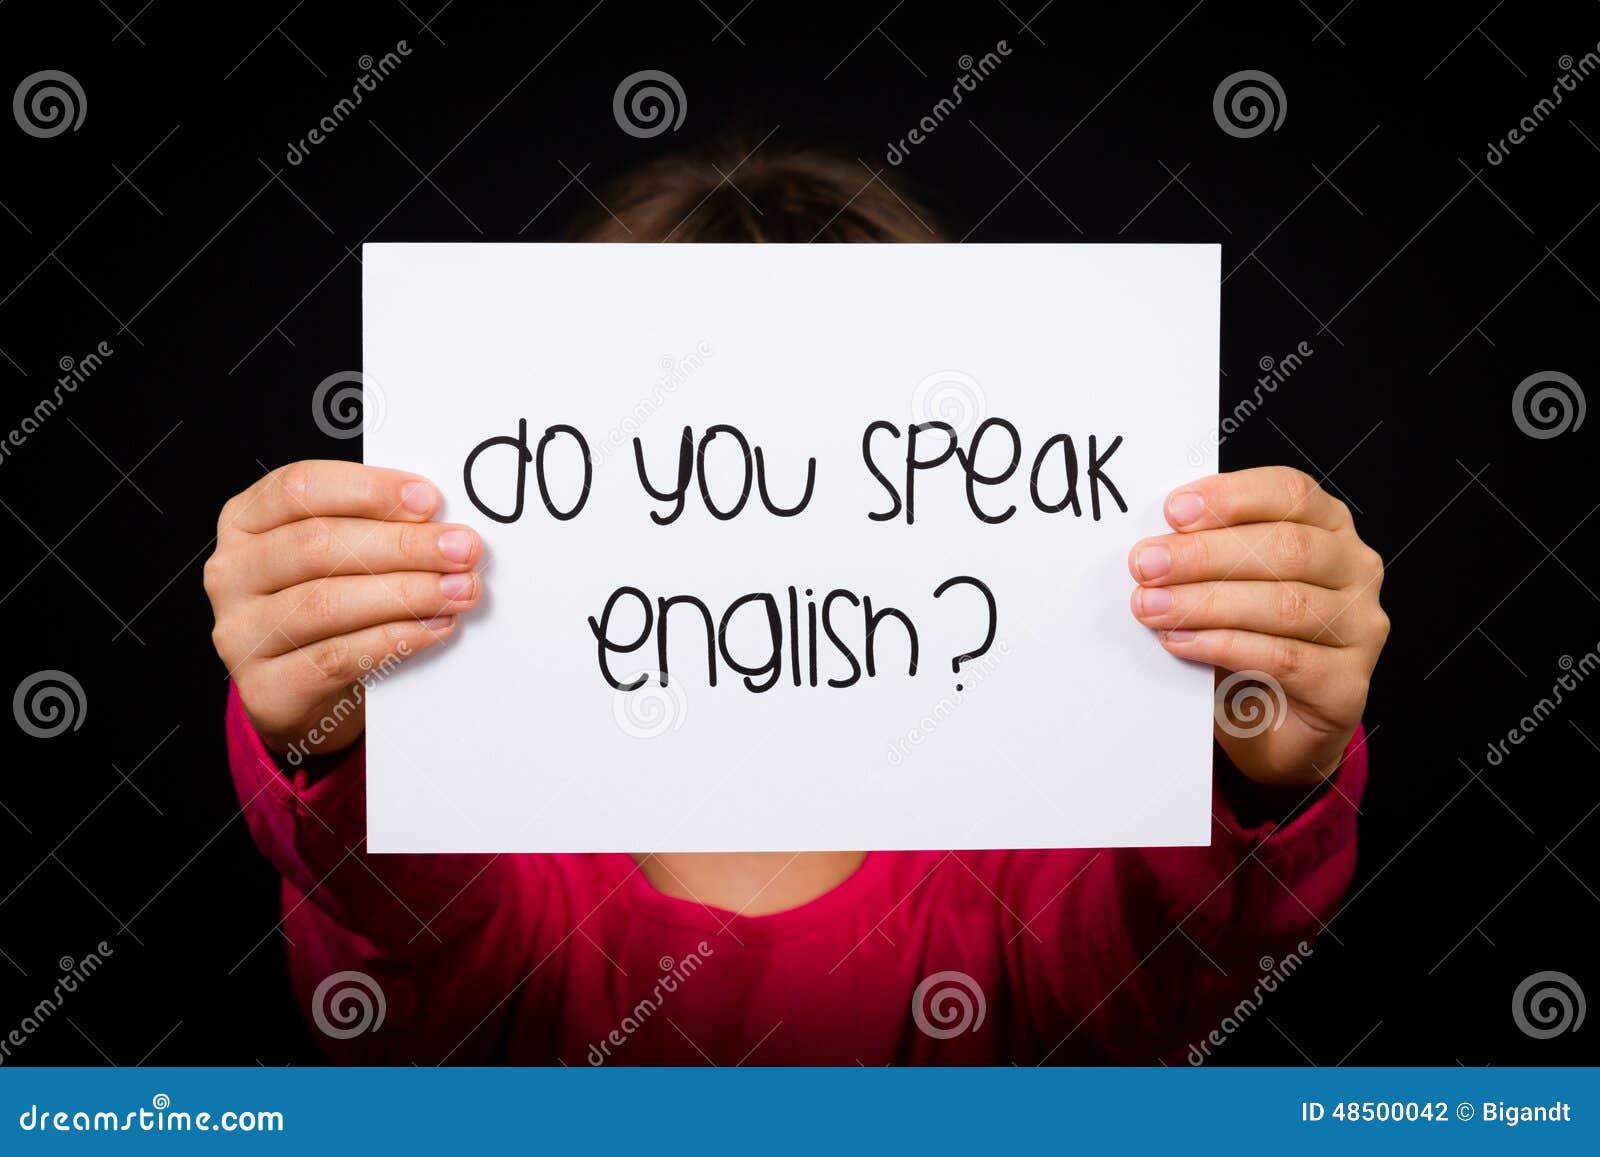 speak essays